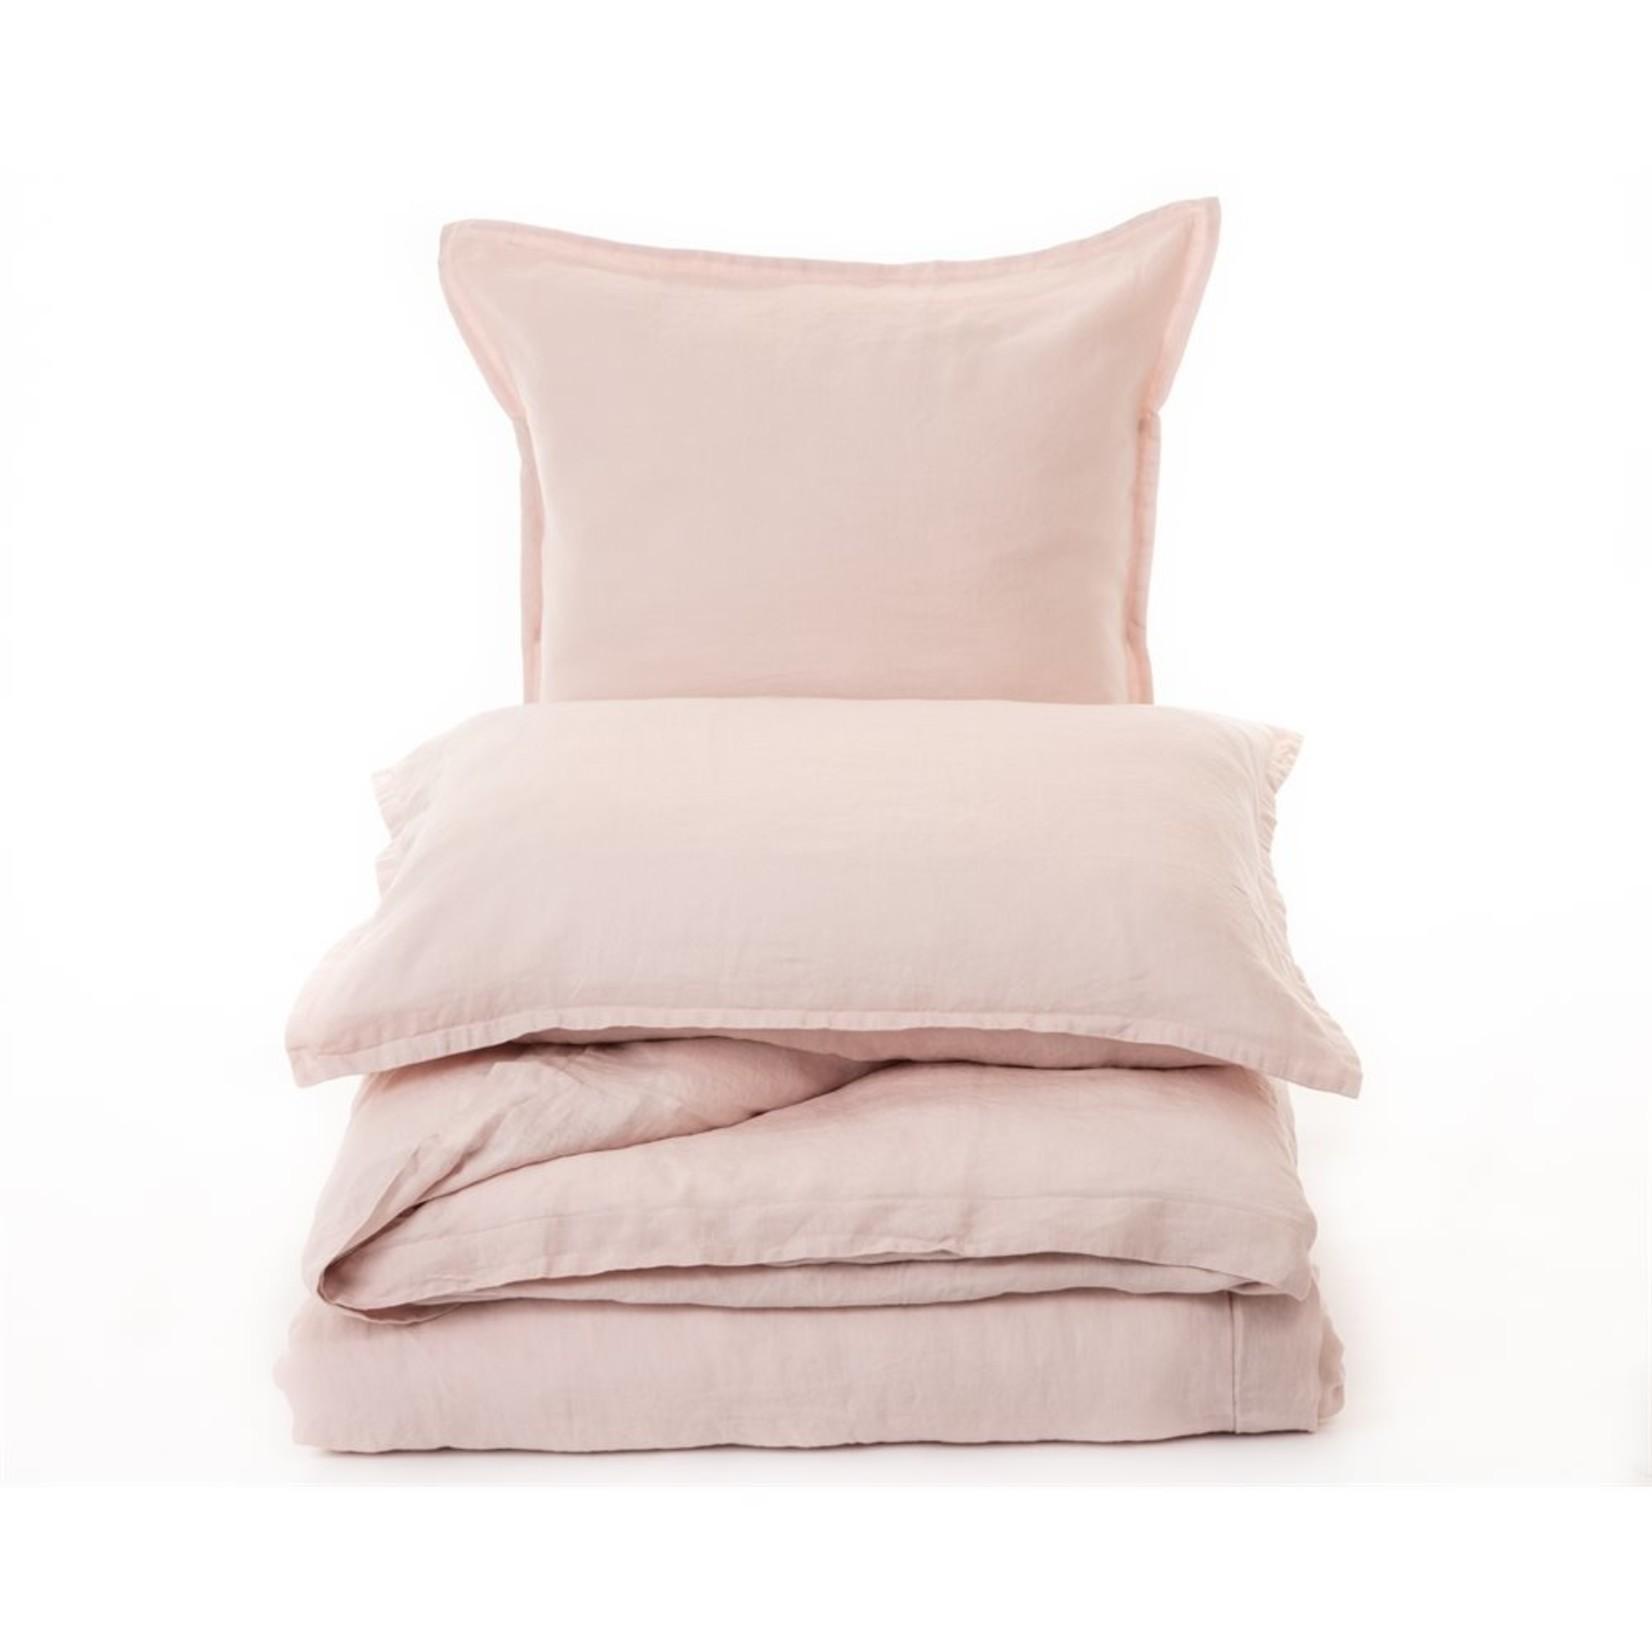 Brunelli Linen Pillow Sham Pink Blush